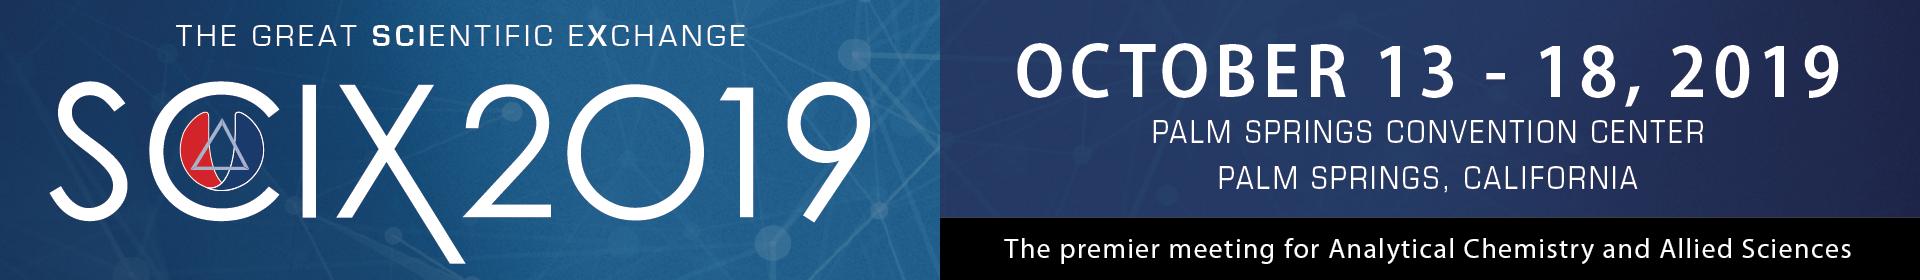 FACSS SciX 2019 Event Banner